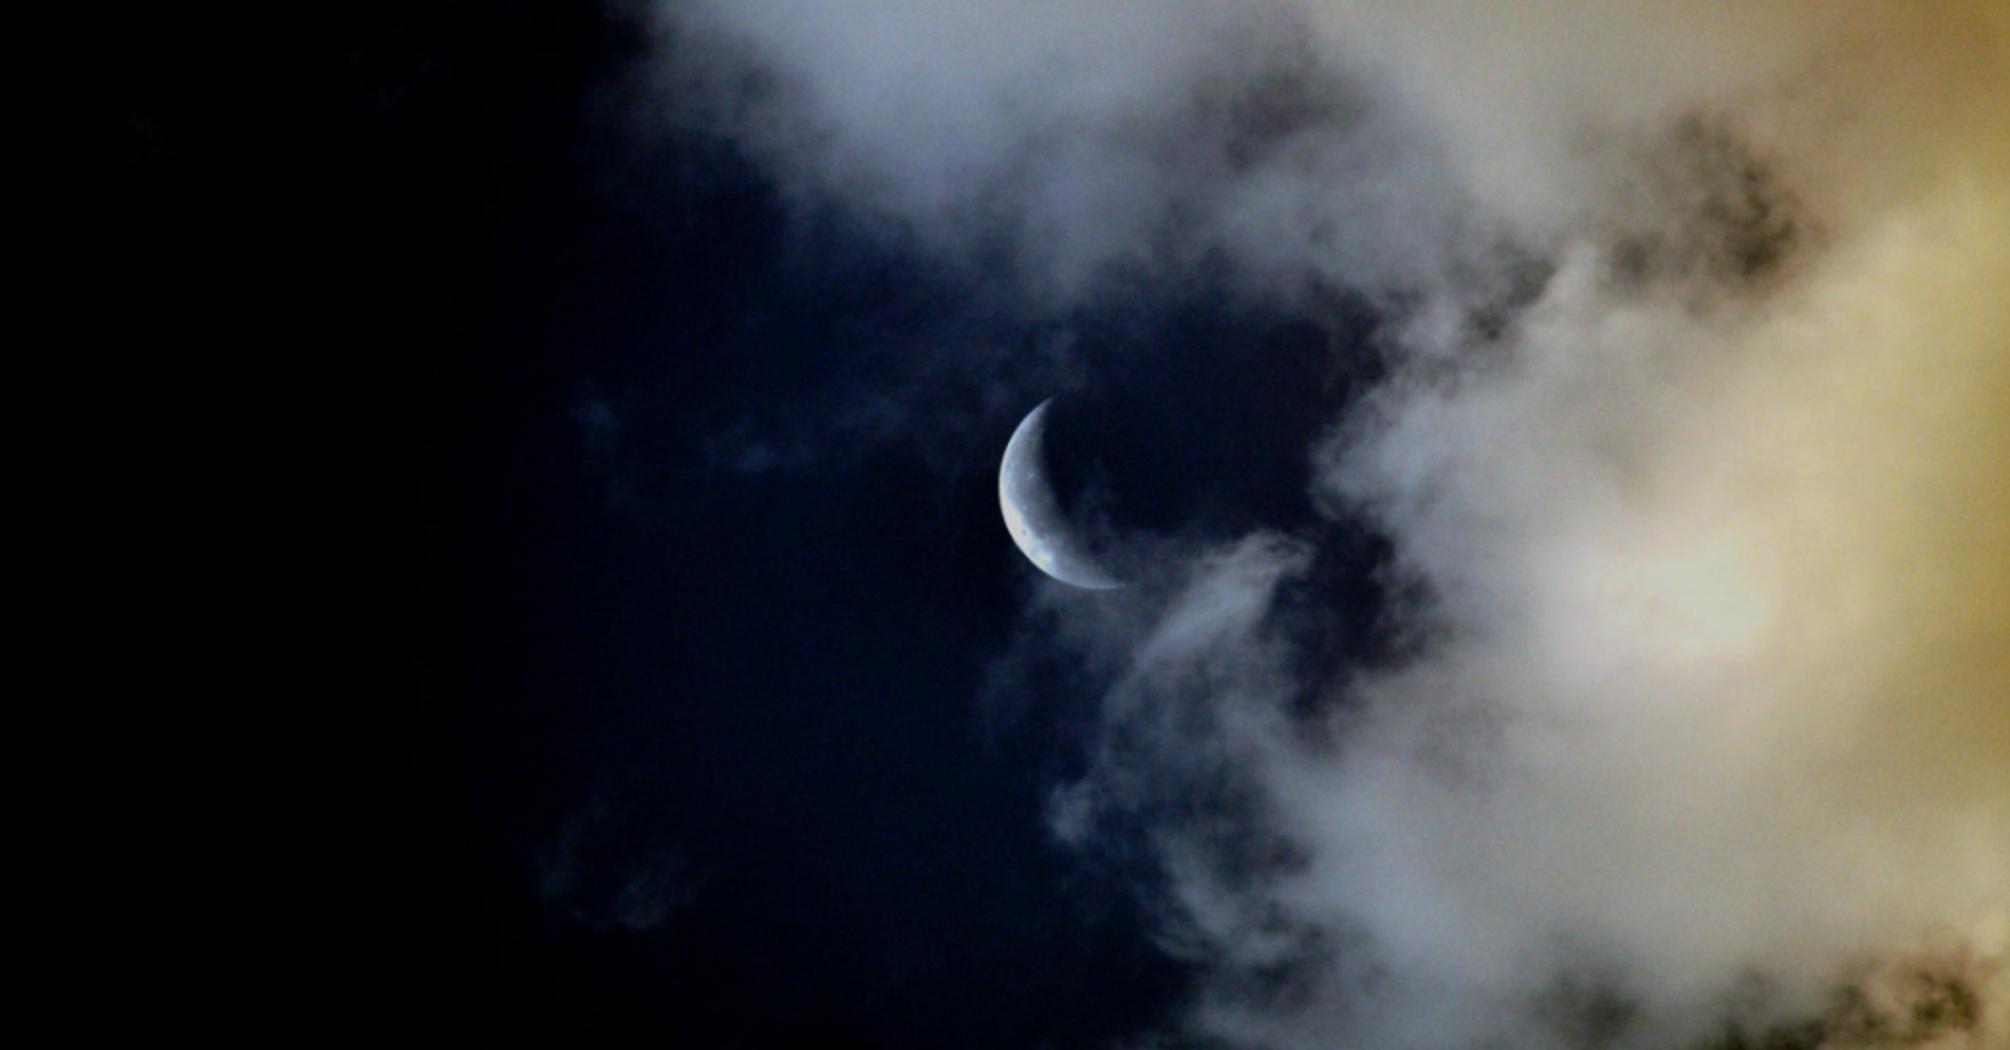 Вихідні загрожують нервовим зривом: місячний календар на 18-19 квітня